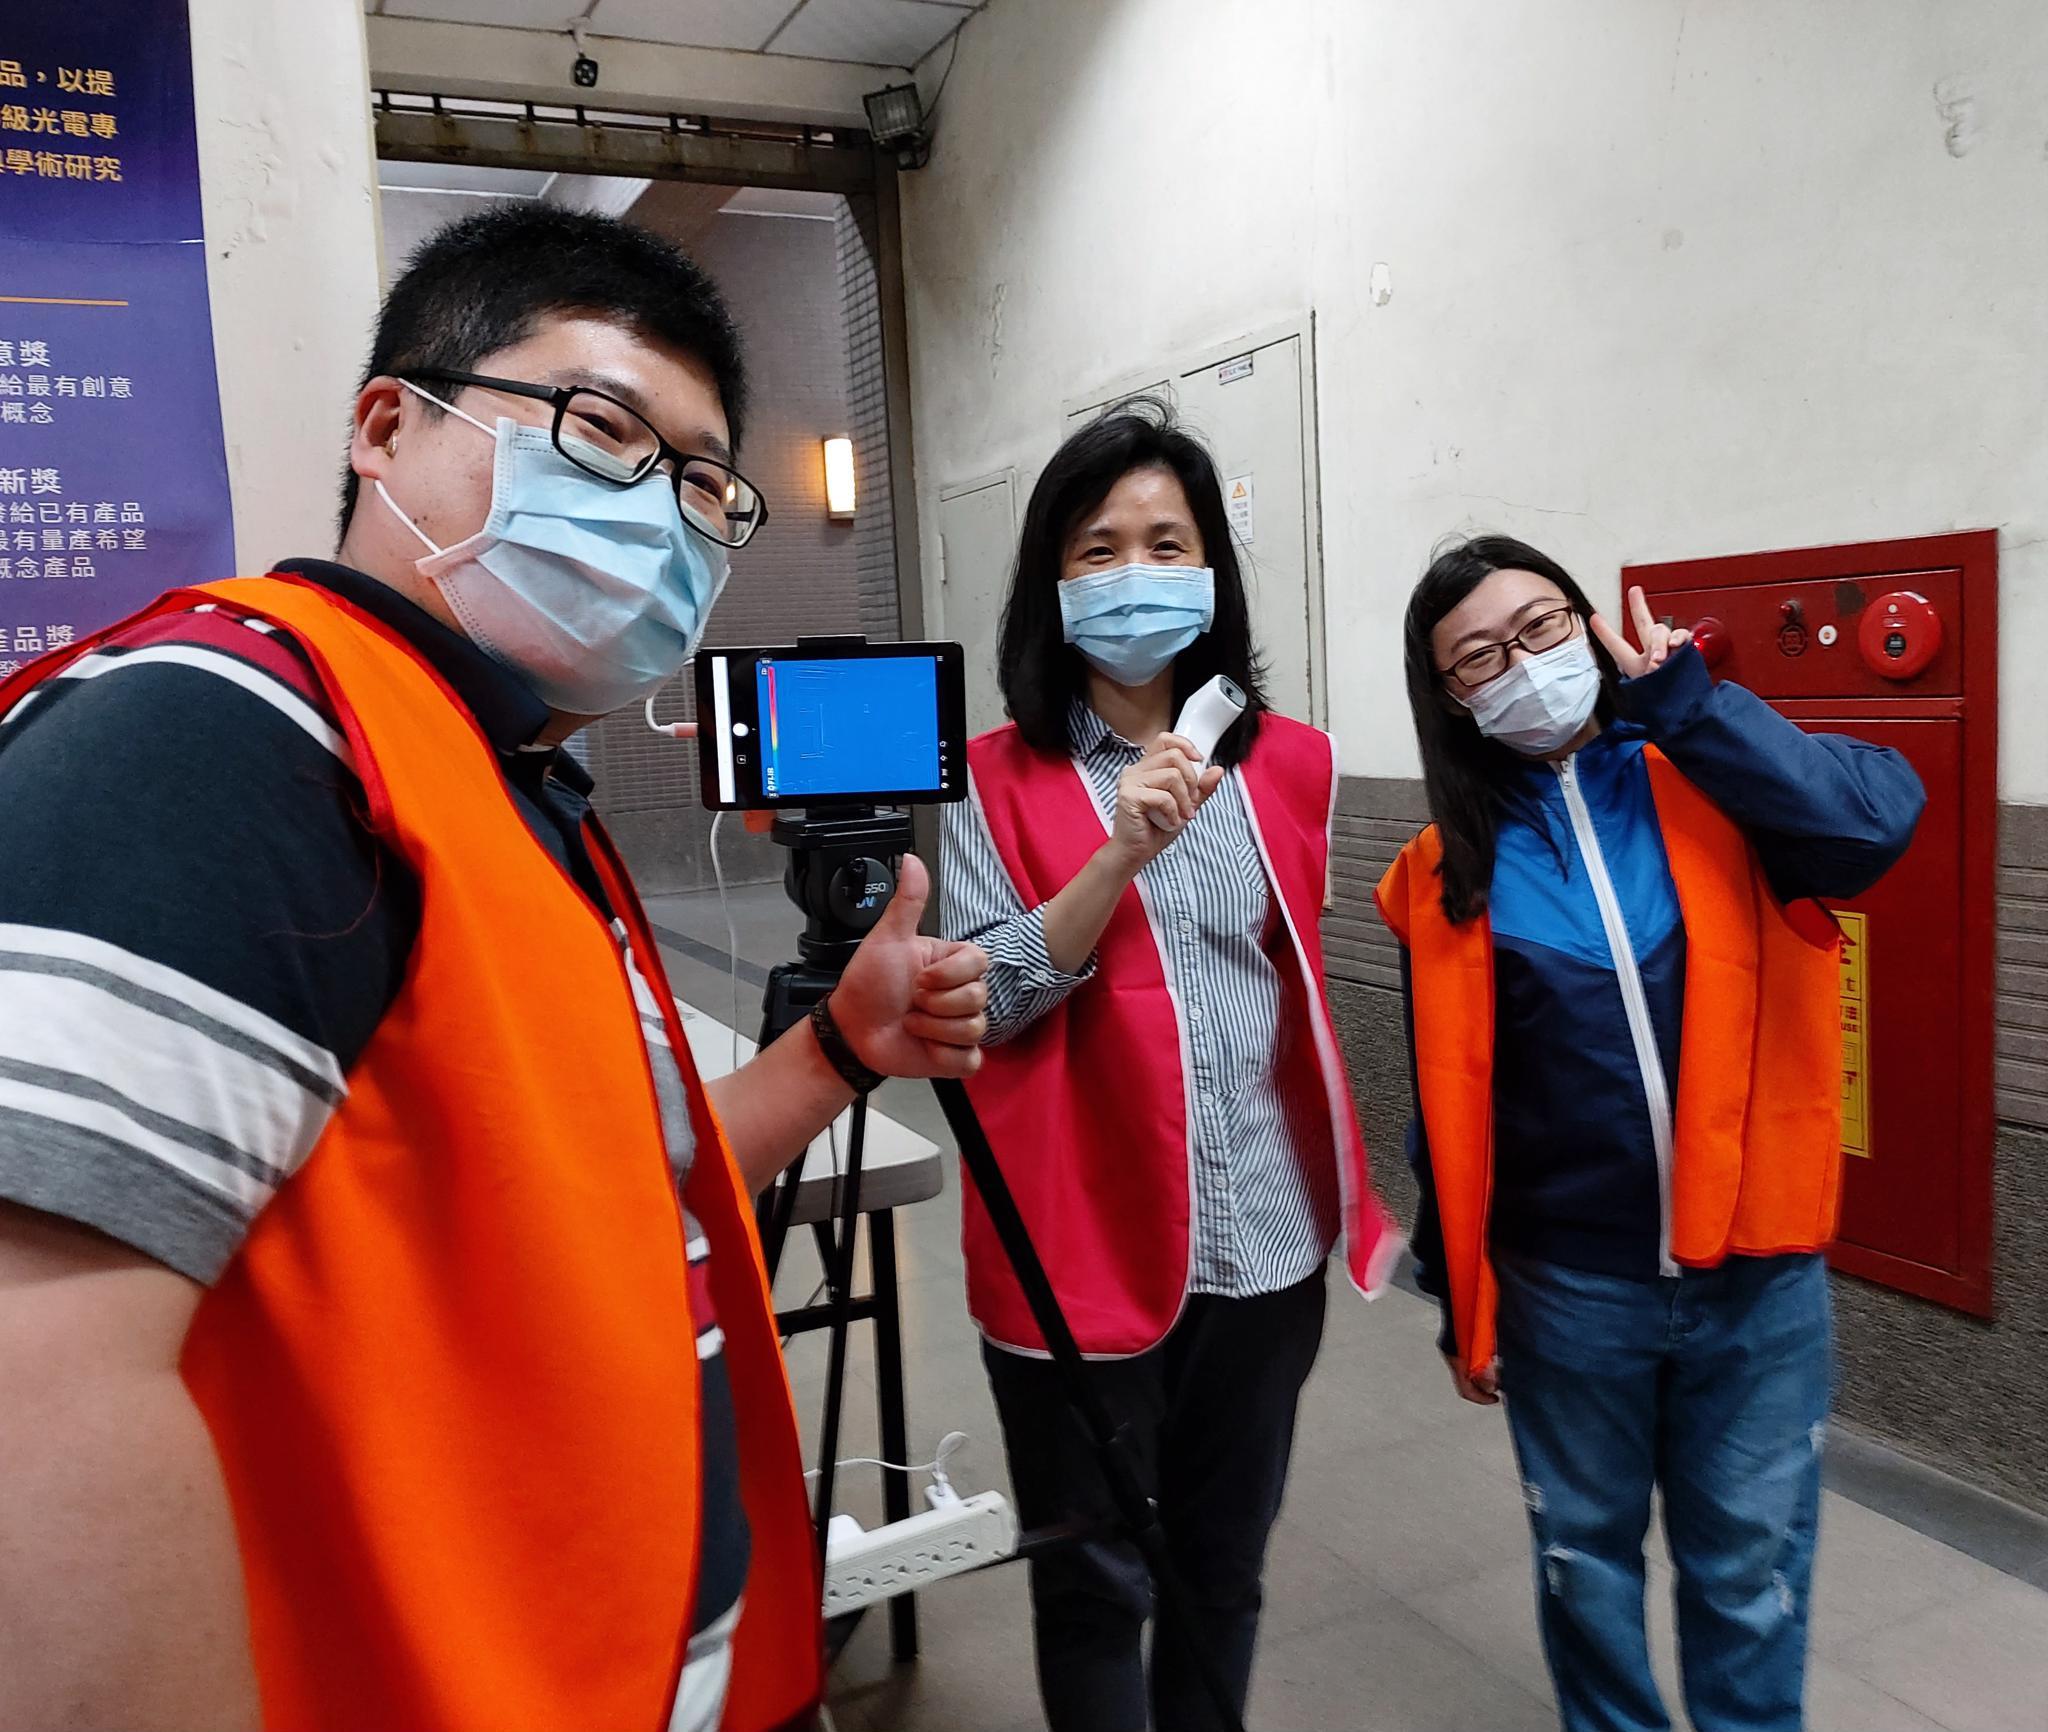 中原大學教學大樓體溫量測站維護防疫安全.jpg